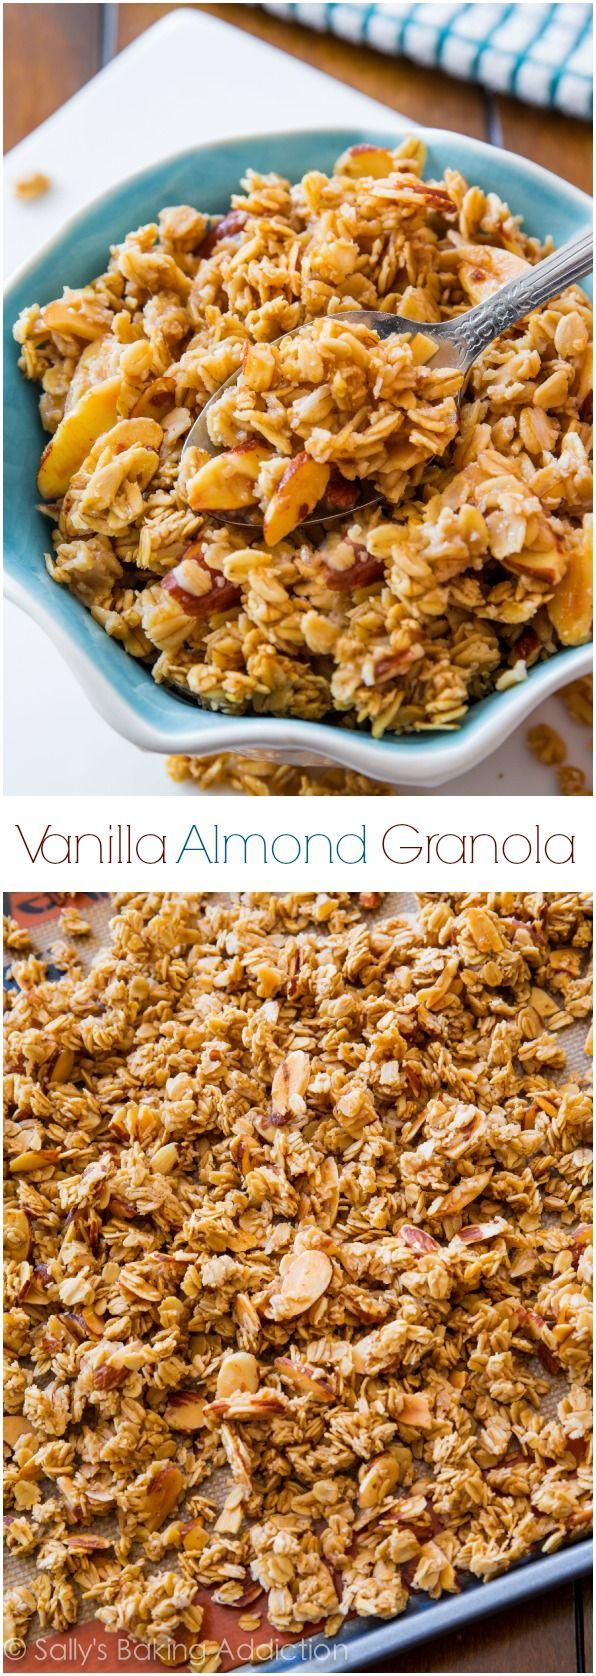 homemade granola - Crunchy, no refined sugars, good for you.